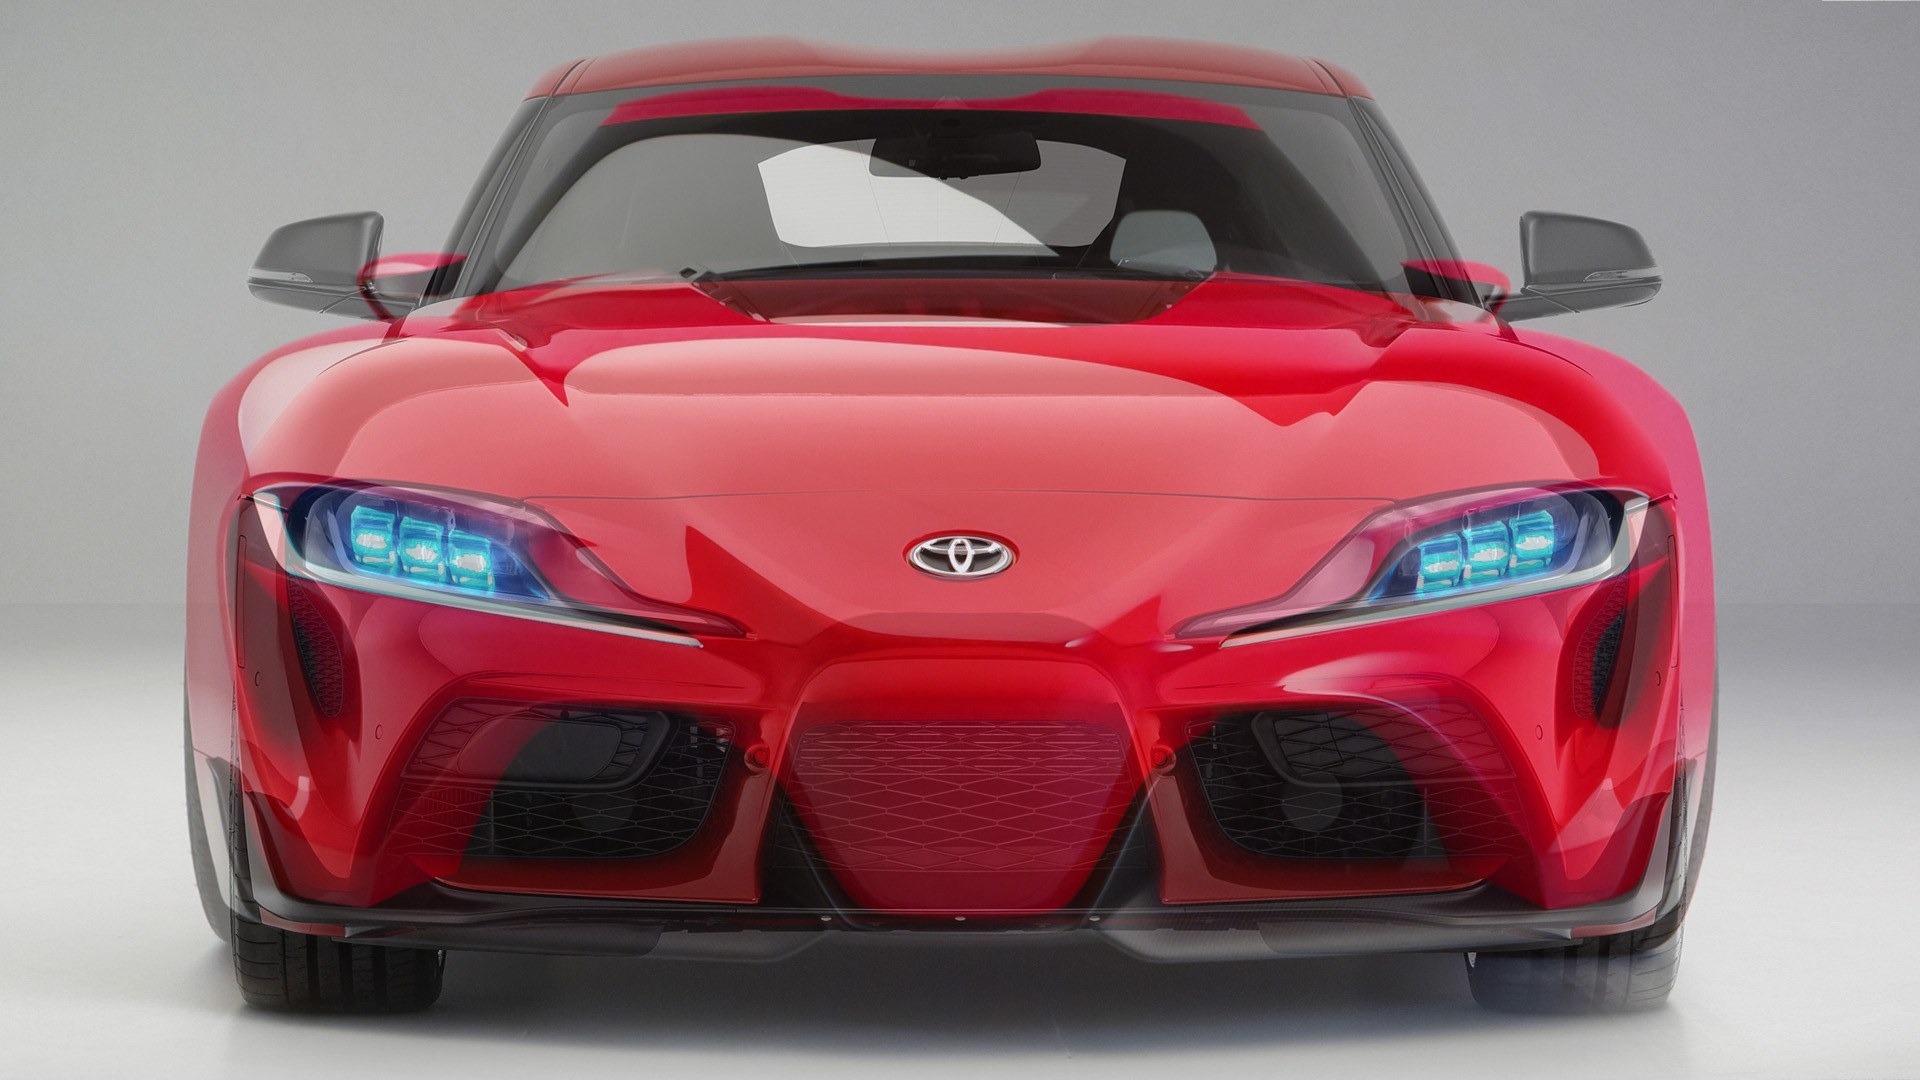 Toyota GR Supra frente a FT-1 Concept, una comparativa visual